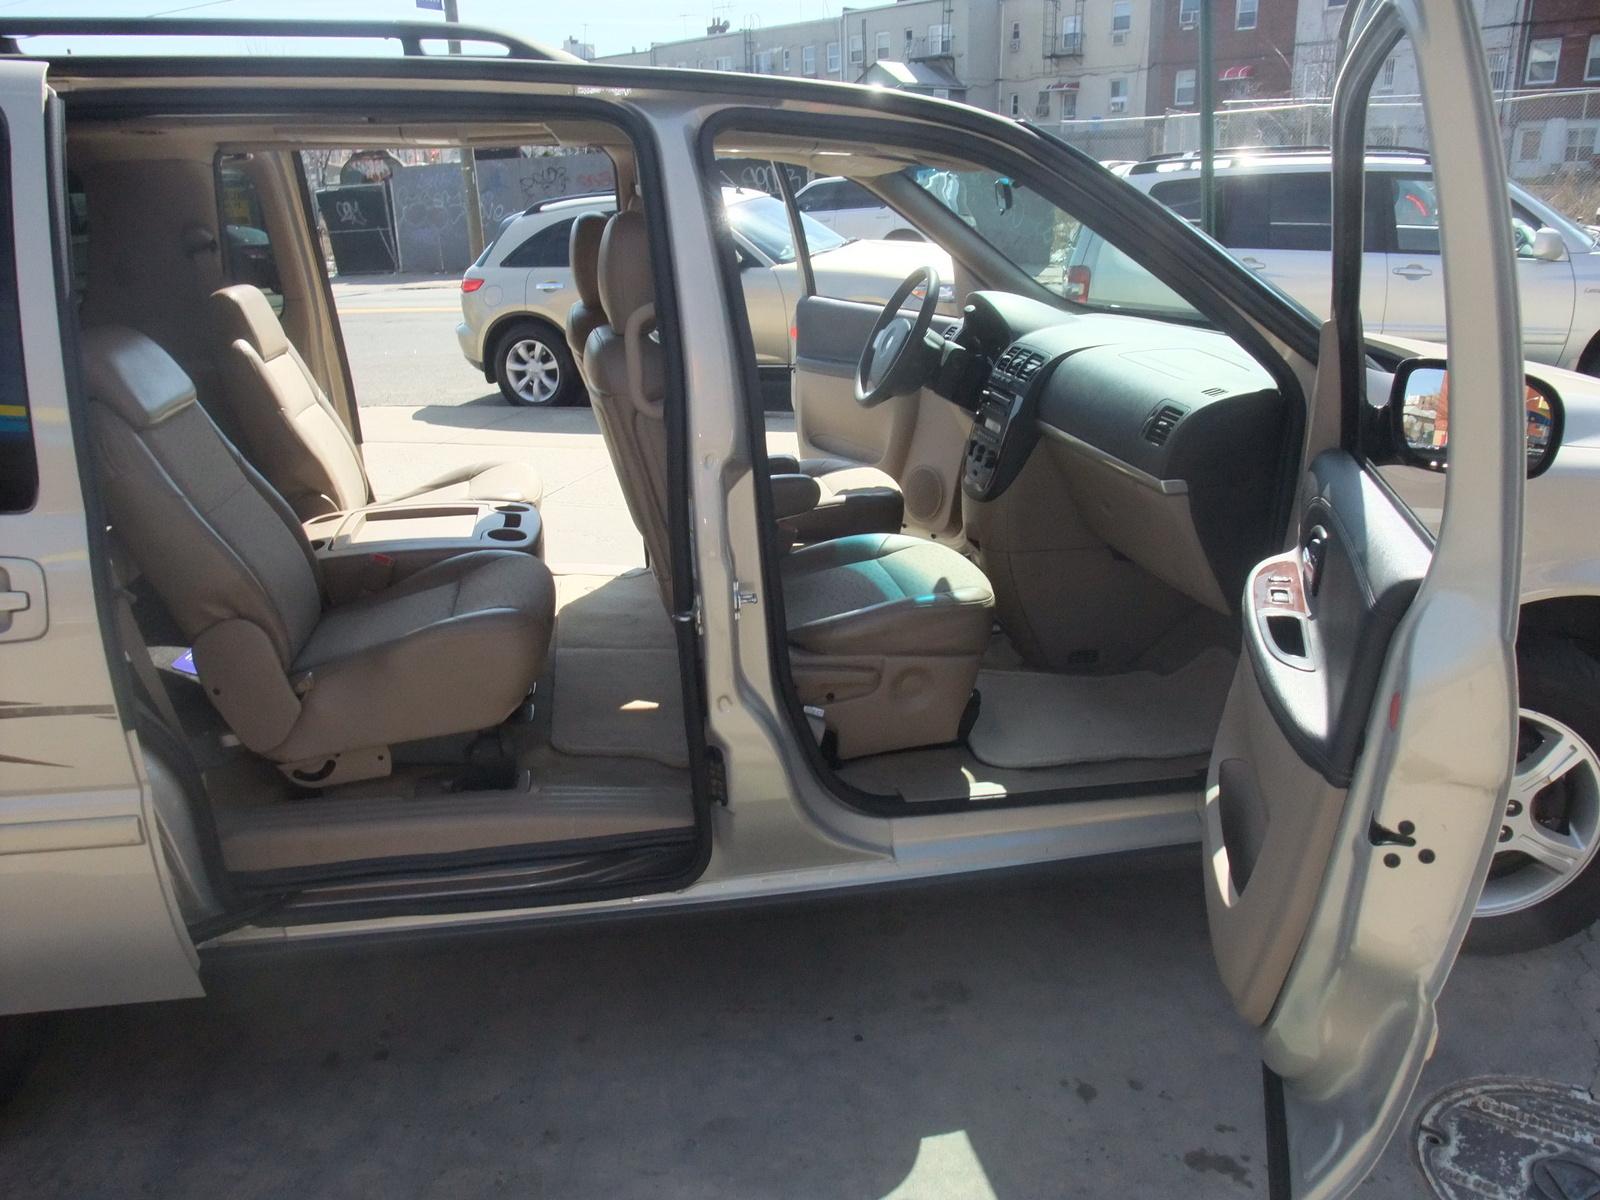 2007 Chevrolet Uplander Pictures Cargurus